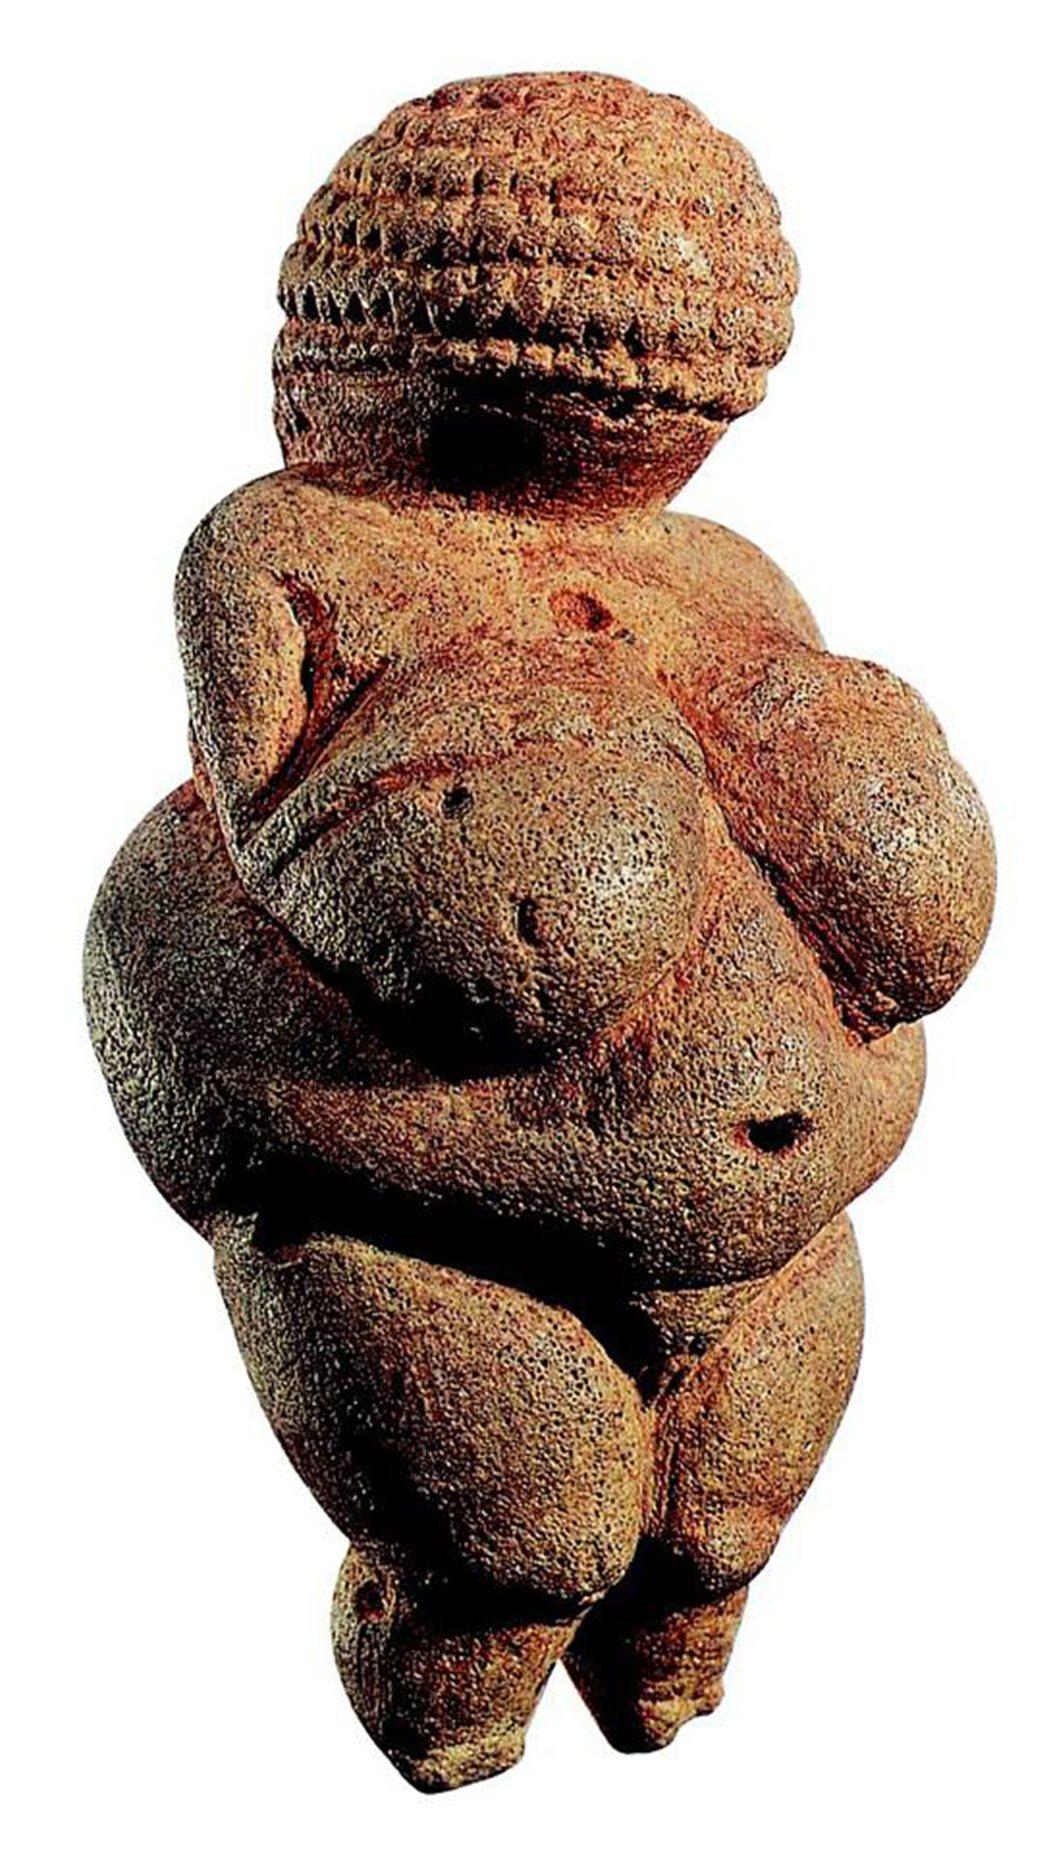 还有人把旧?器?代的「维伦多你呋的维纳斯」女性雕像图?出来比较。图/摘自Stev...